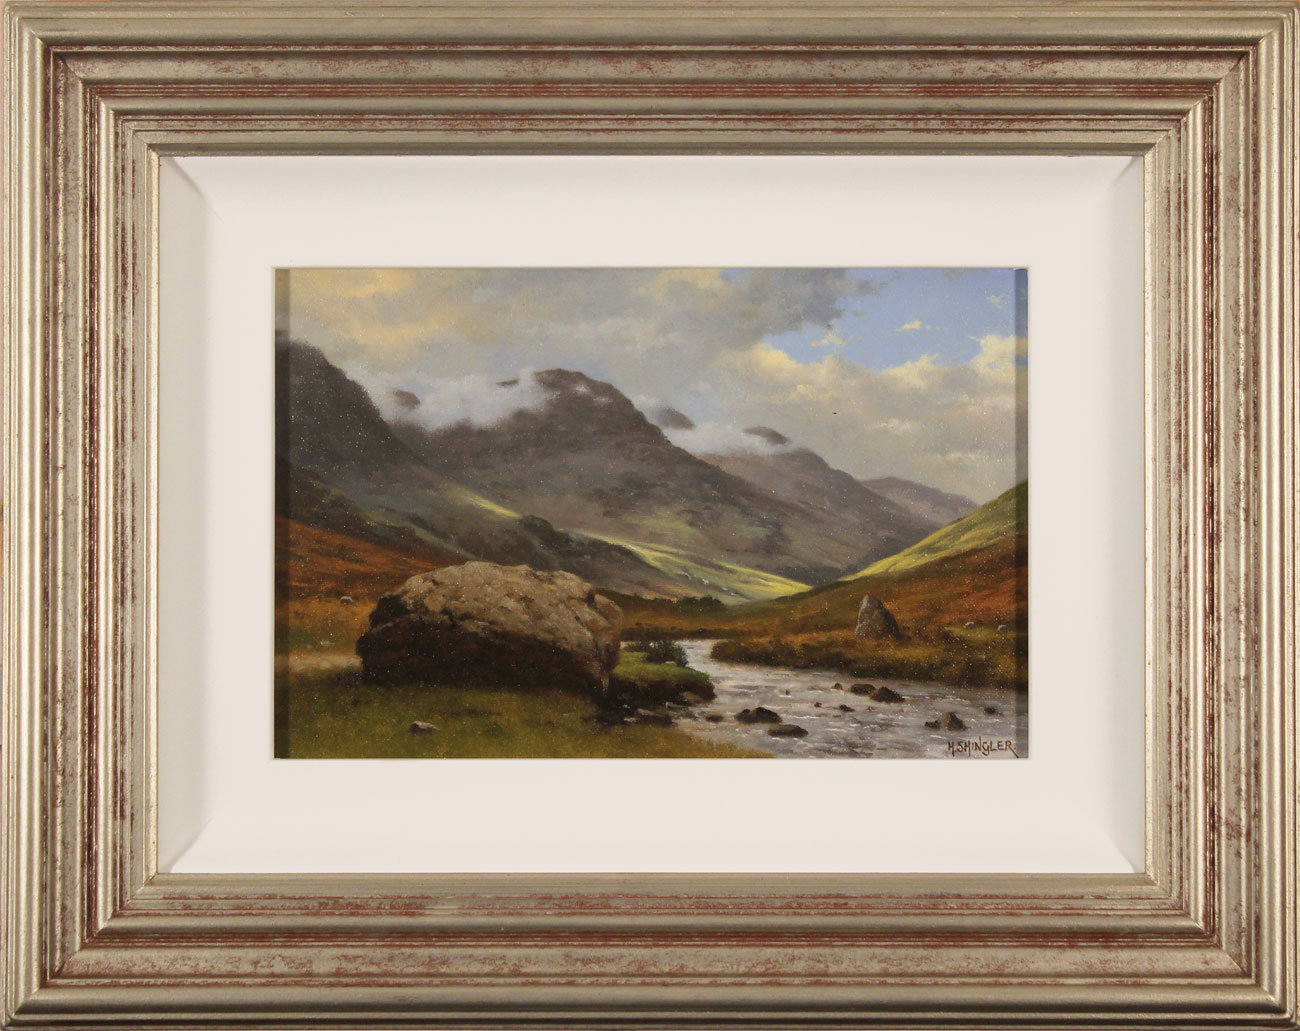 Howard Shingler, Original oil painting on panel, High Stile from Gatesgarthdale Beck, click to enlarge